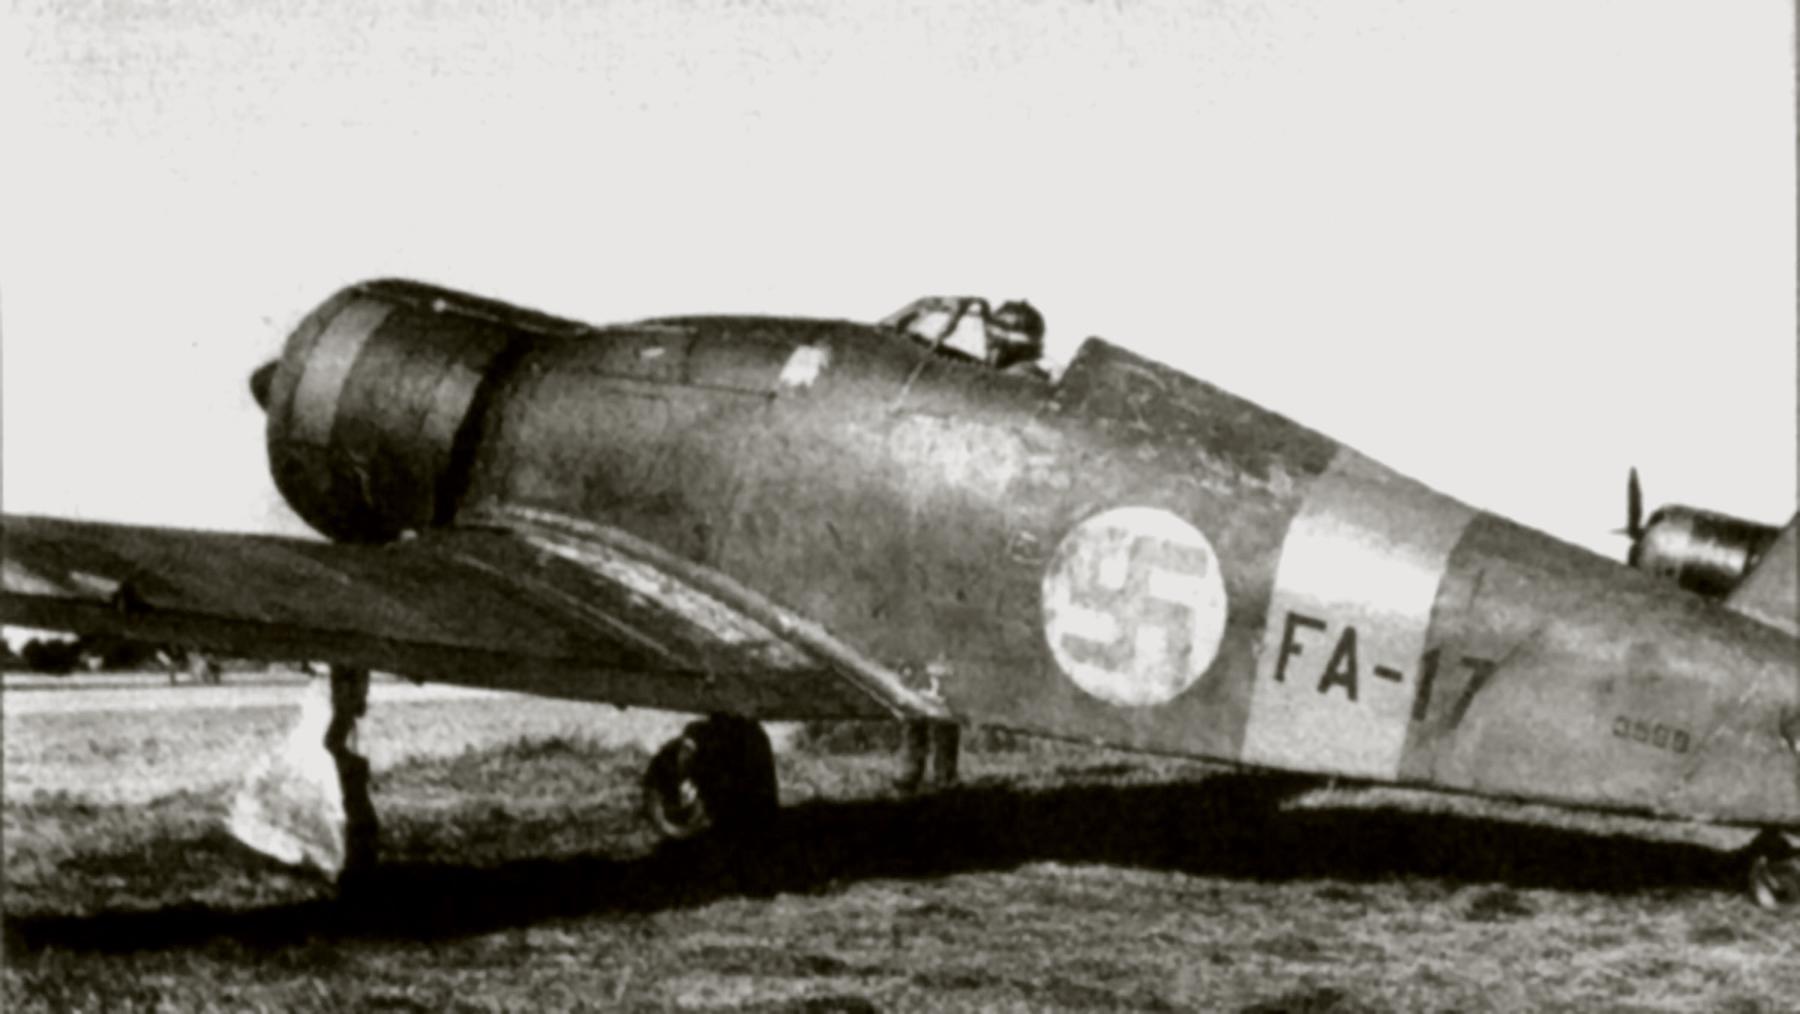 Fiat G50 Freccia FAF 3.LeLv26 FA17 MM3599 Kauhava Finland 1940 02